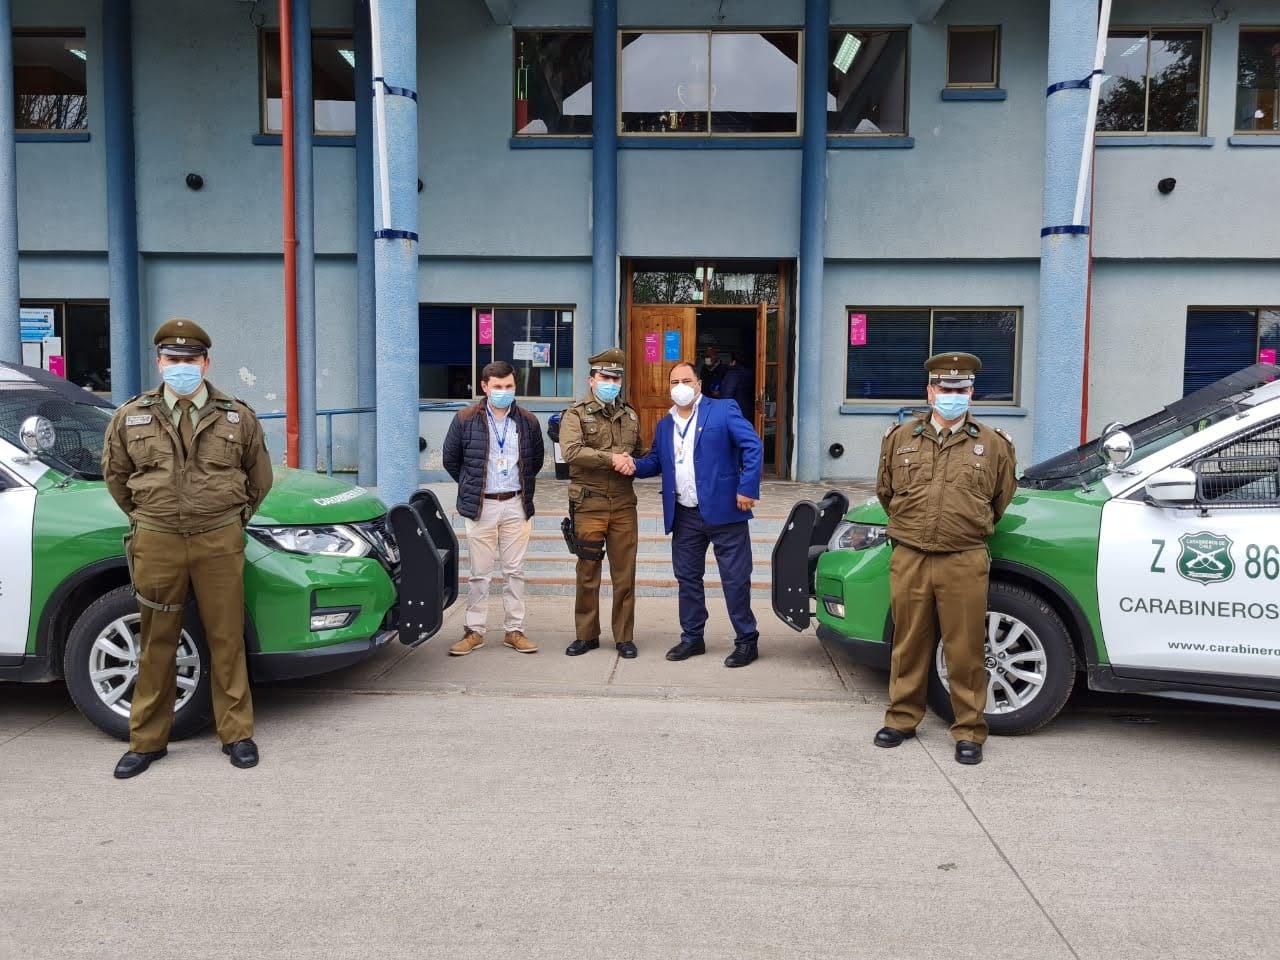 Dos nuevos vehículos de Carabineros arriban a la comuna de Quilaco